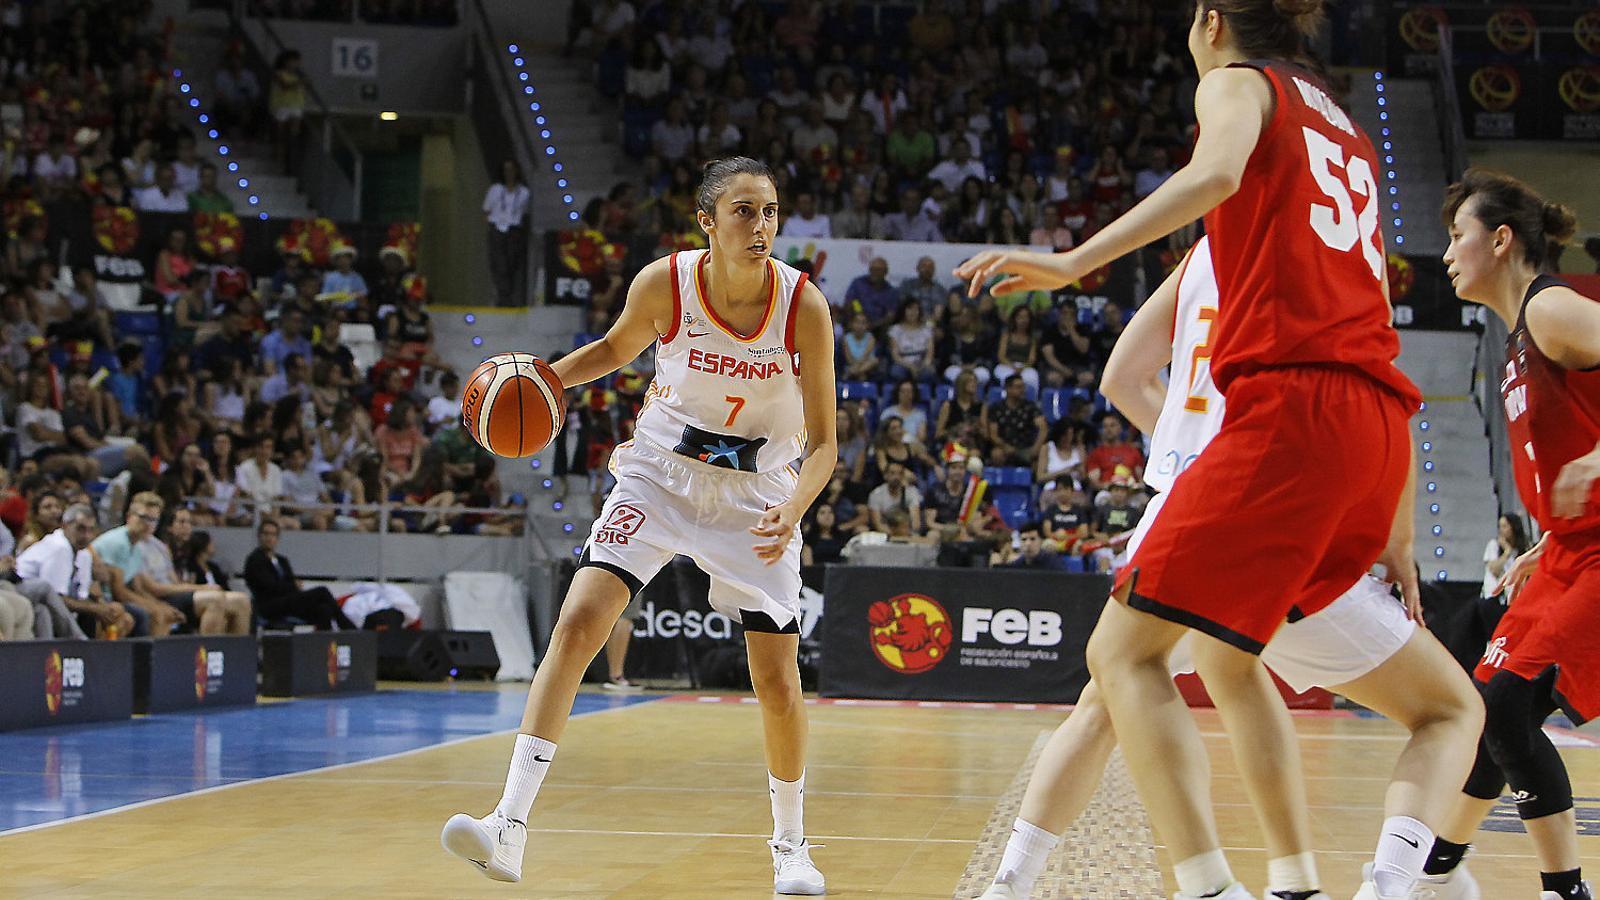 Alba Torrens durant una jugada del partit de preparació disputat al Palau d'Esports de Son Moix contra el combinat nacional del Japó.